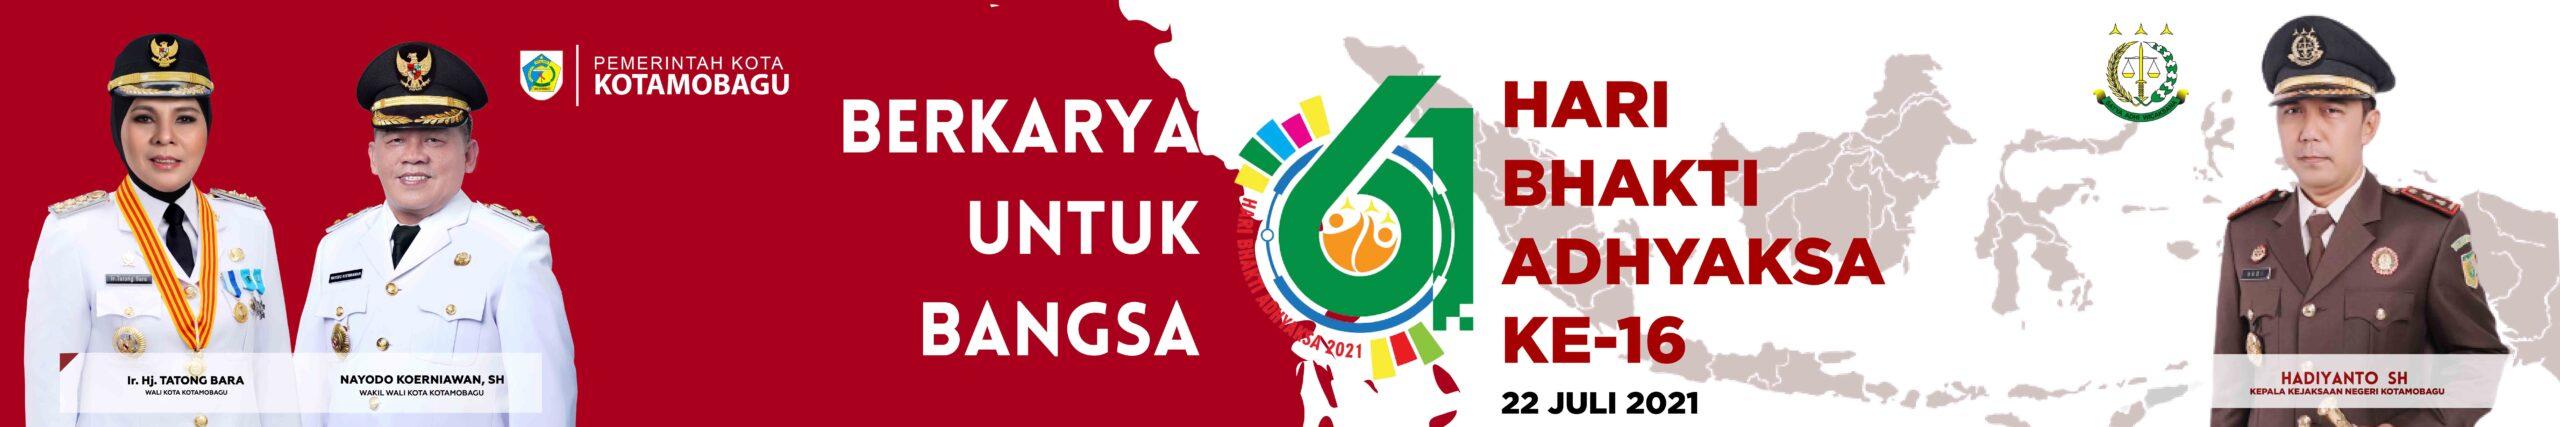 banner Idul Adha - Pemkot Kotamobagu